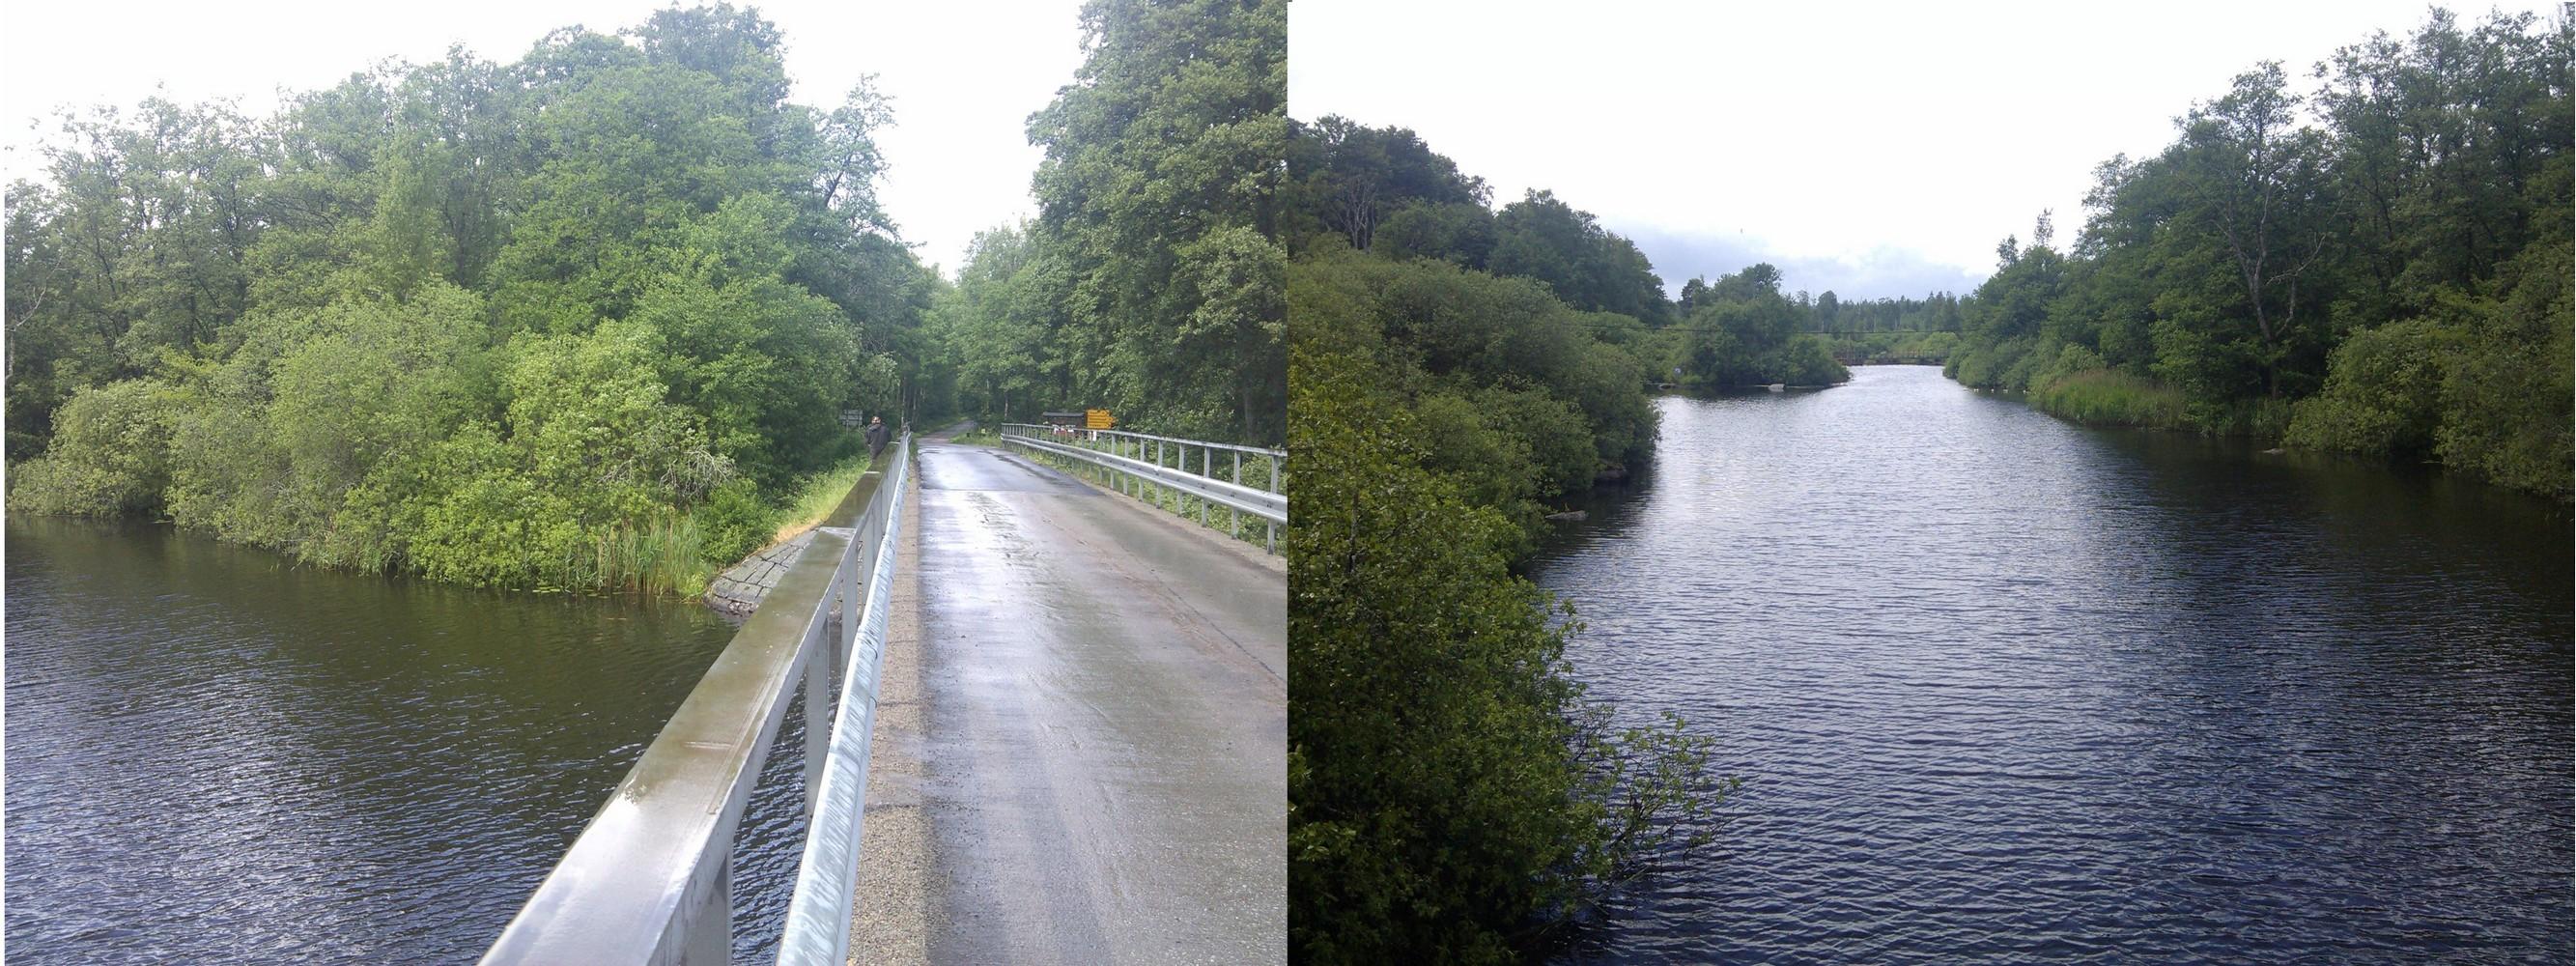 Der Mörrum - Abfluss des Åsnen , Schwedens bekannter Lachsfluss